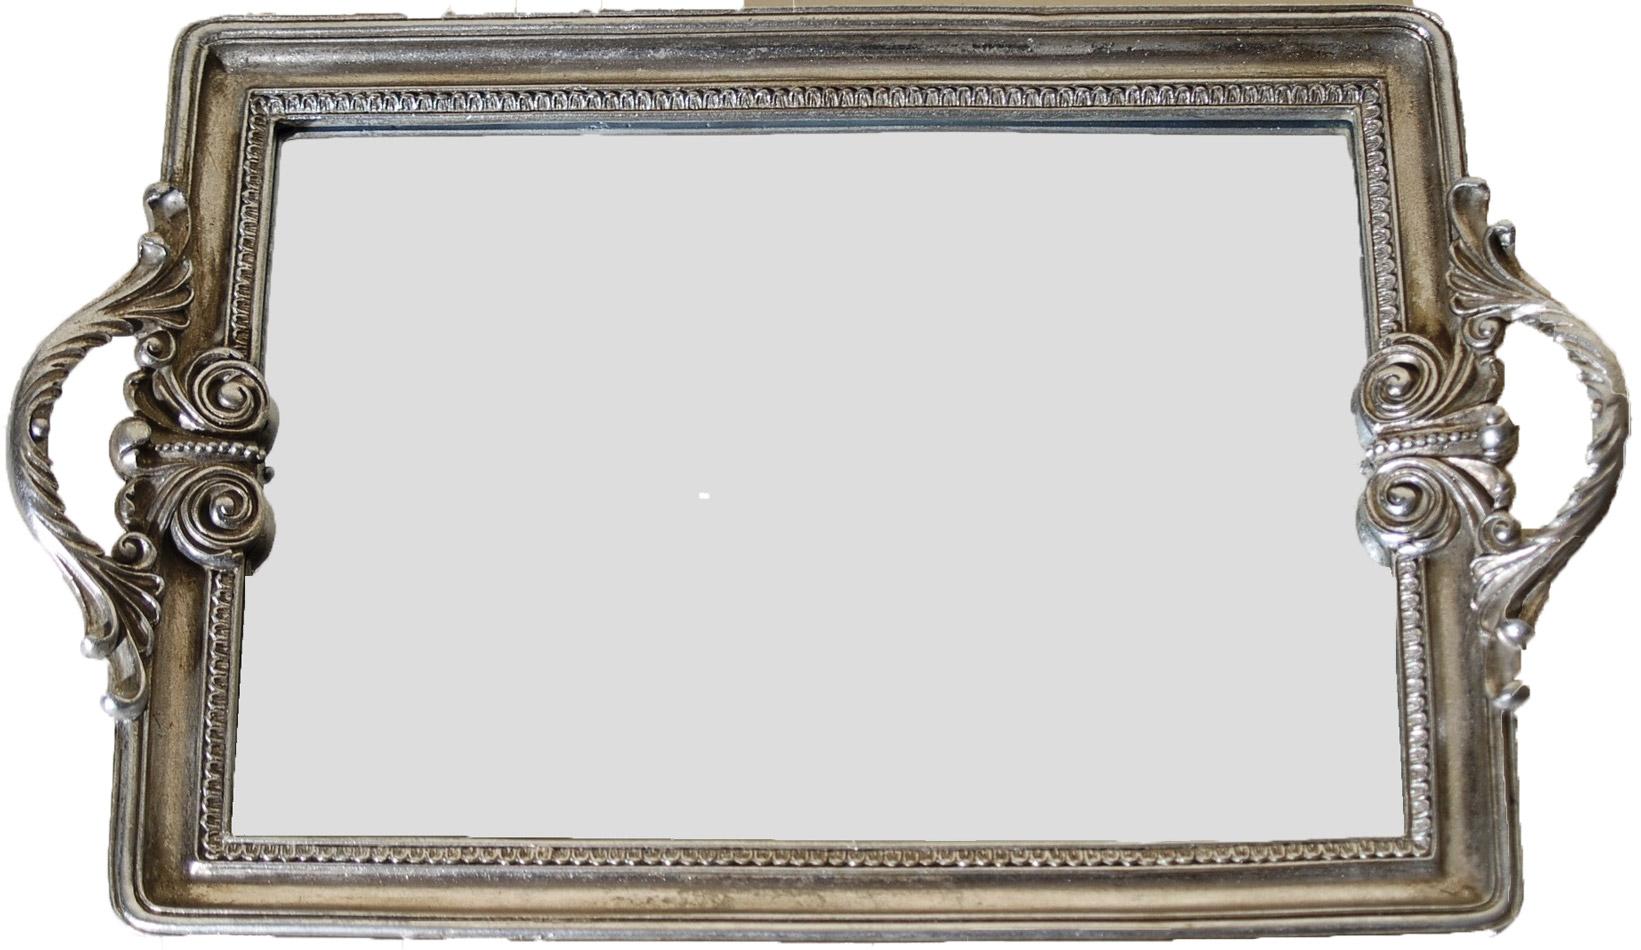 Δίσκος Σερβιρίσματος Με Καθρέπτη Πολυεστερικός Royal Art 40×35εκ. YUA4/002SL (Χρώμα: Ασημί , Υλικό: Πολυεστερικό) – Royal Art Collection – YUA4/002SL